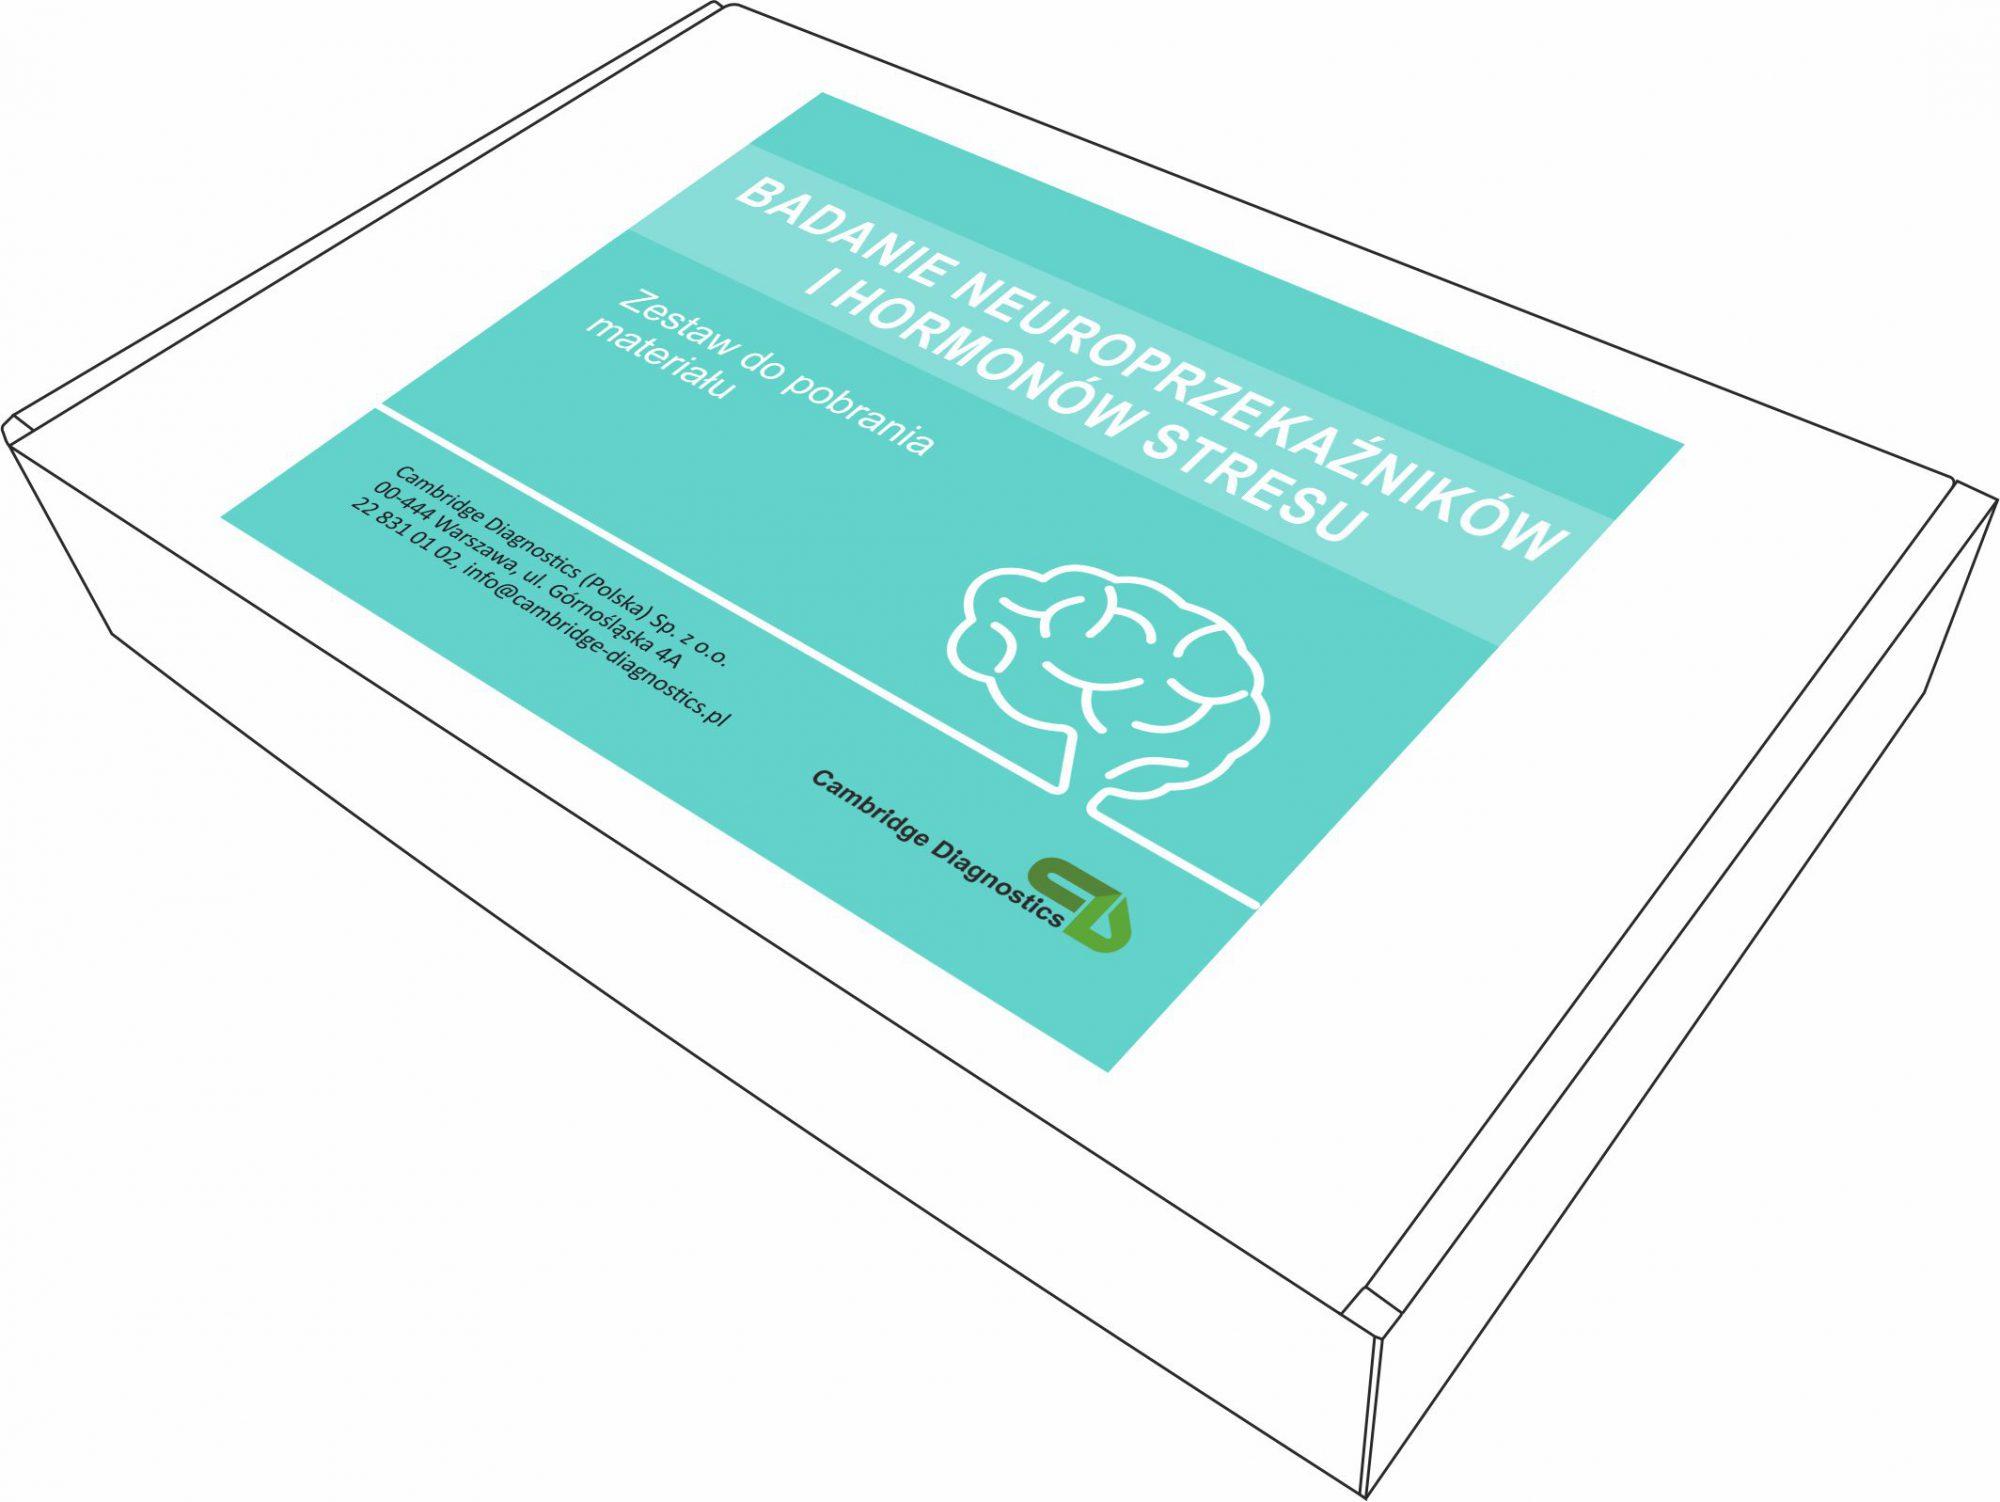 Test-neuroprzekazniki-hormony-stres-biologiczny-nadnercza-uklad-nerwowy-badanie-stresu-mozg